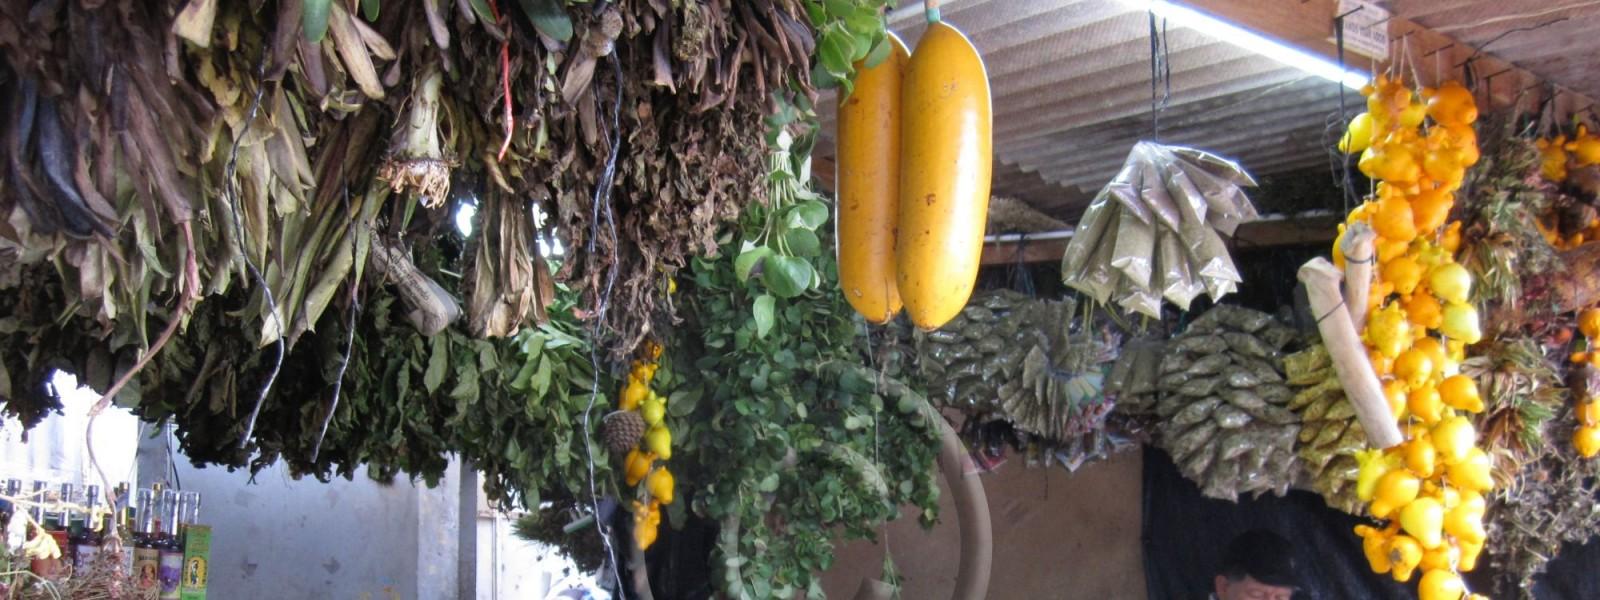 c_marche-herbes-medicinales-chiclayo-f-canard